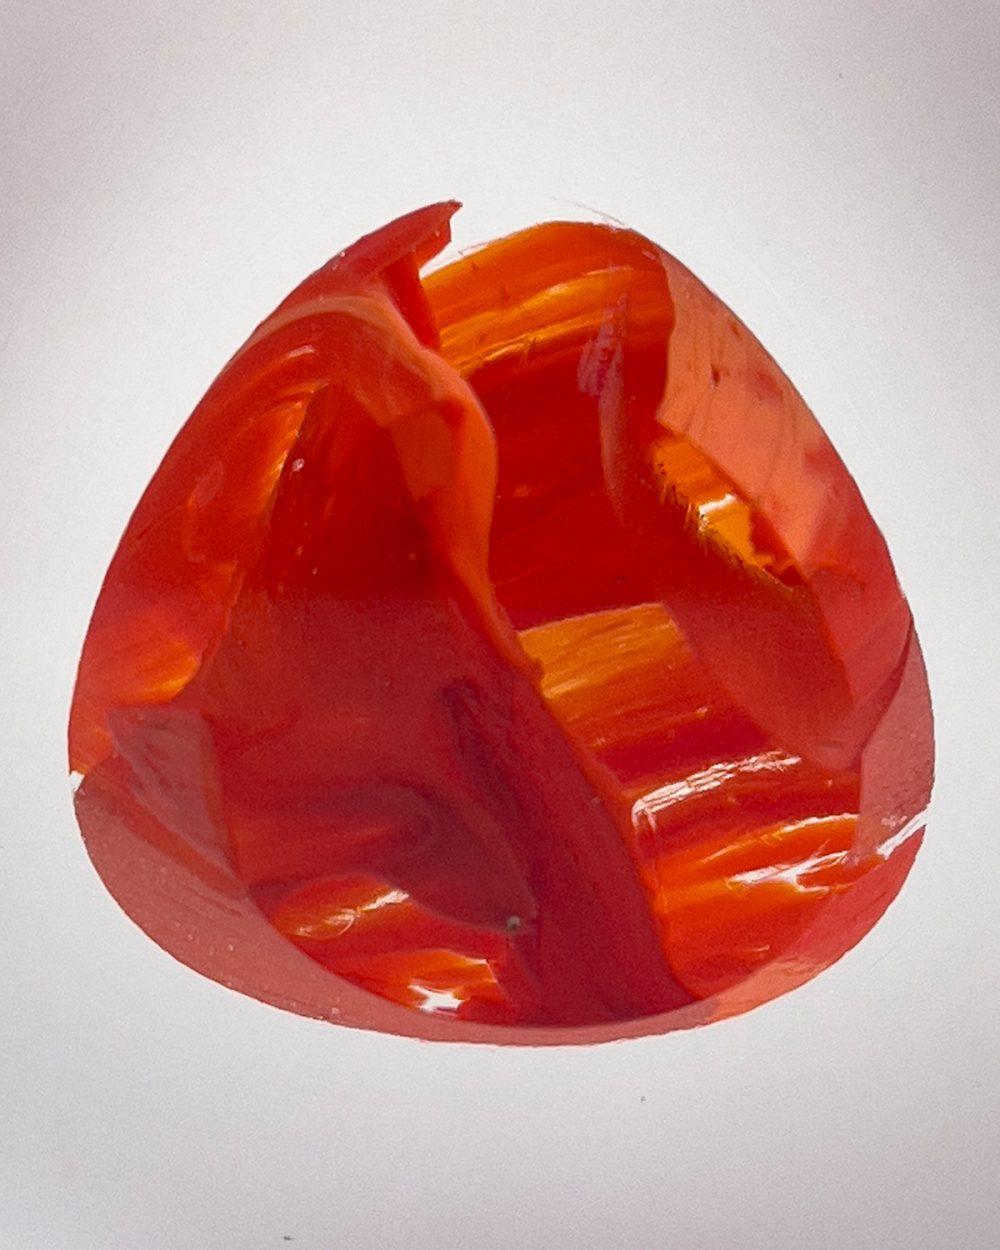 Bespoke handmade art glass paperweight ornament - scarlet detail